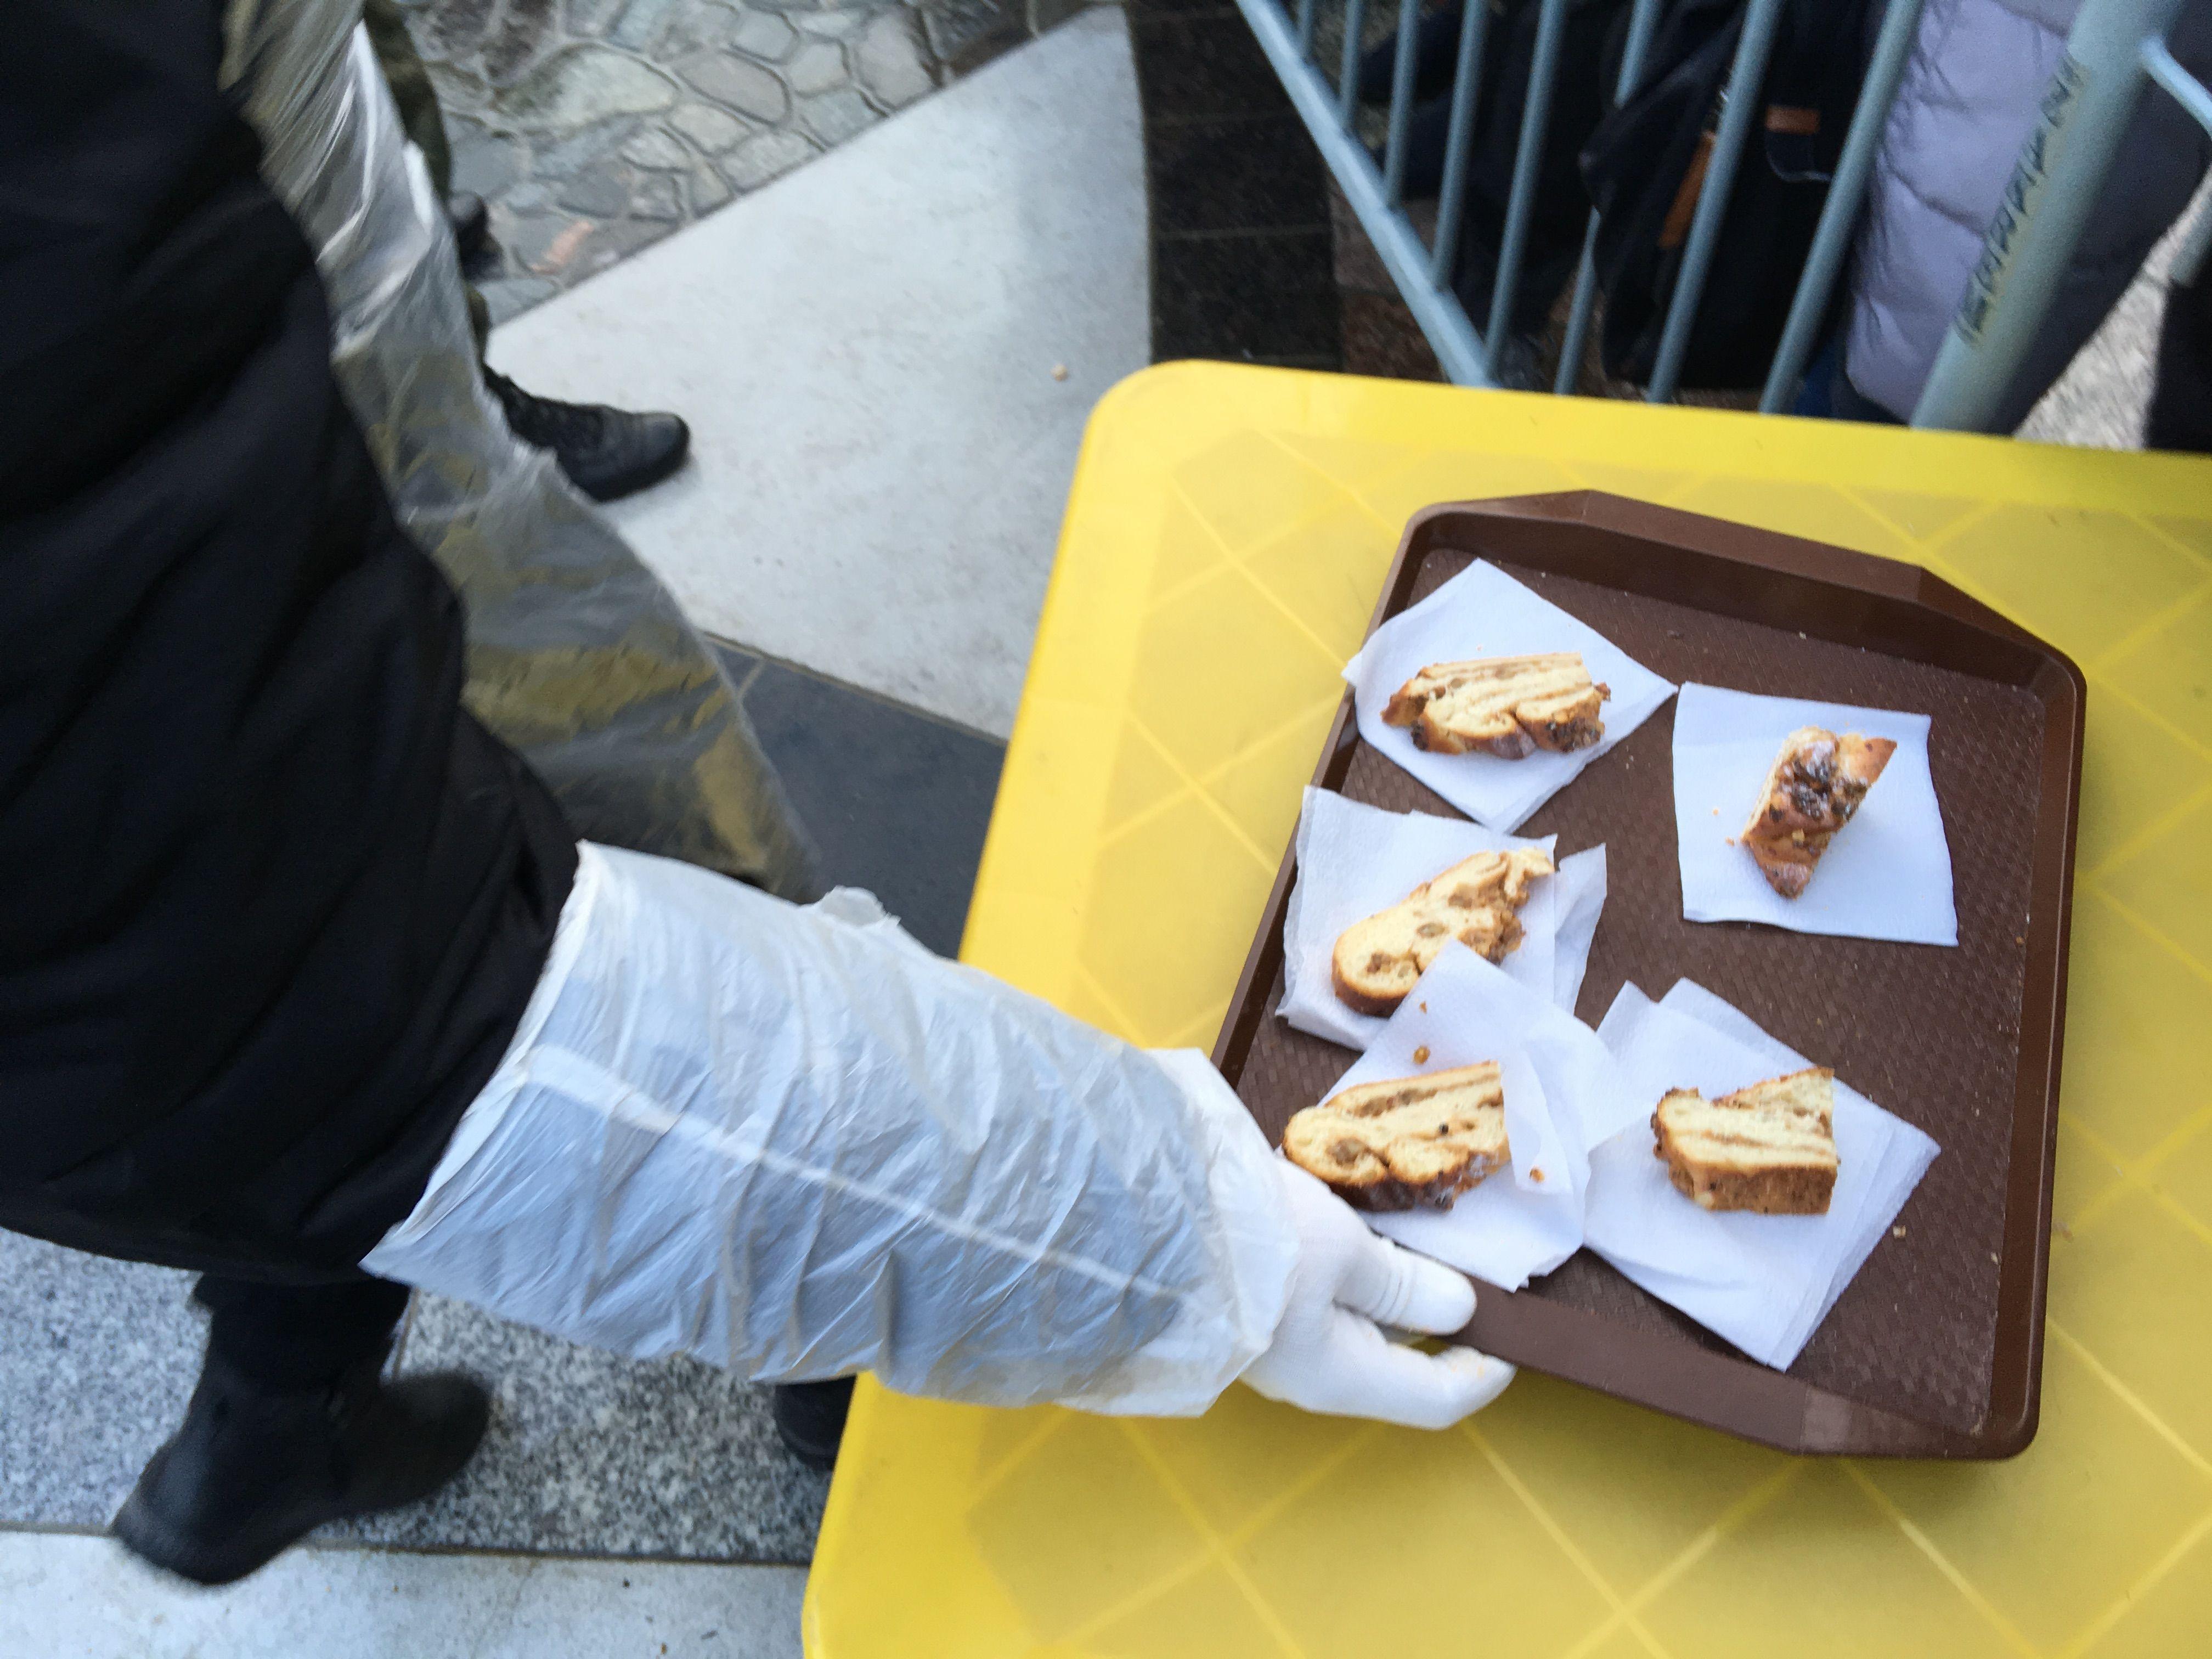 Поднос с кусками кранцевского пирога